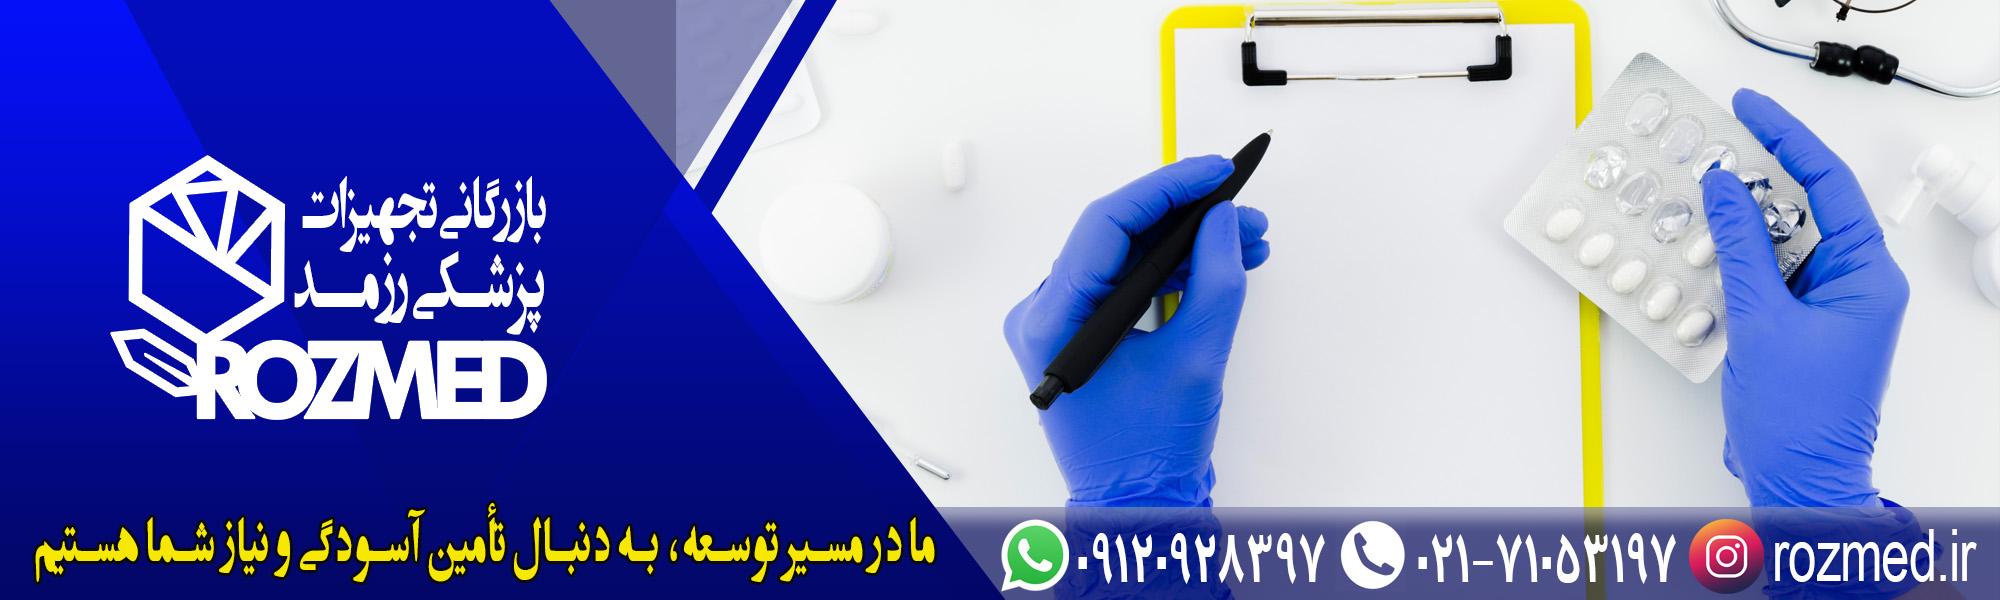 تجهیزات پزشکی مصرفی